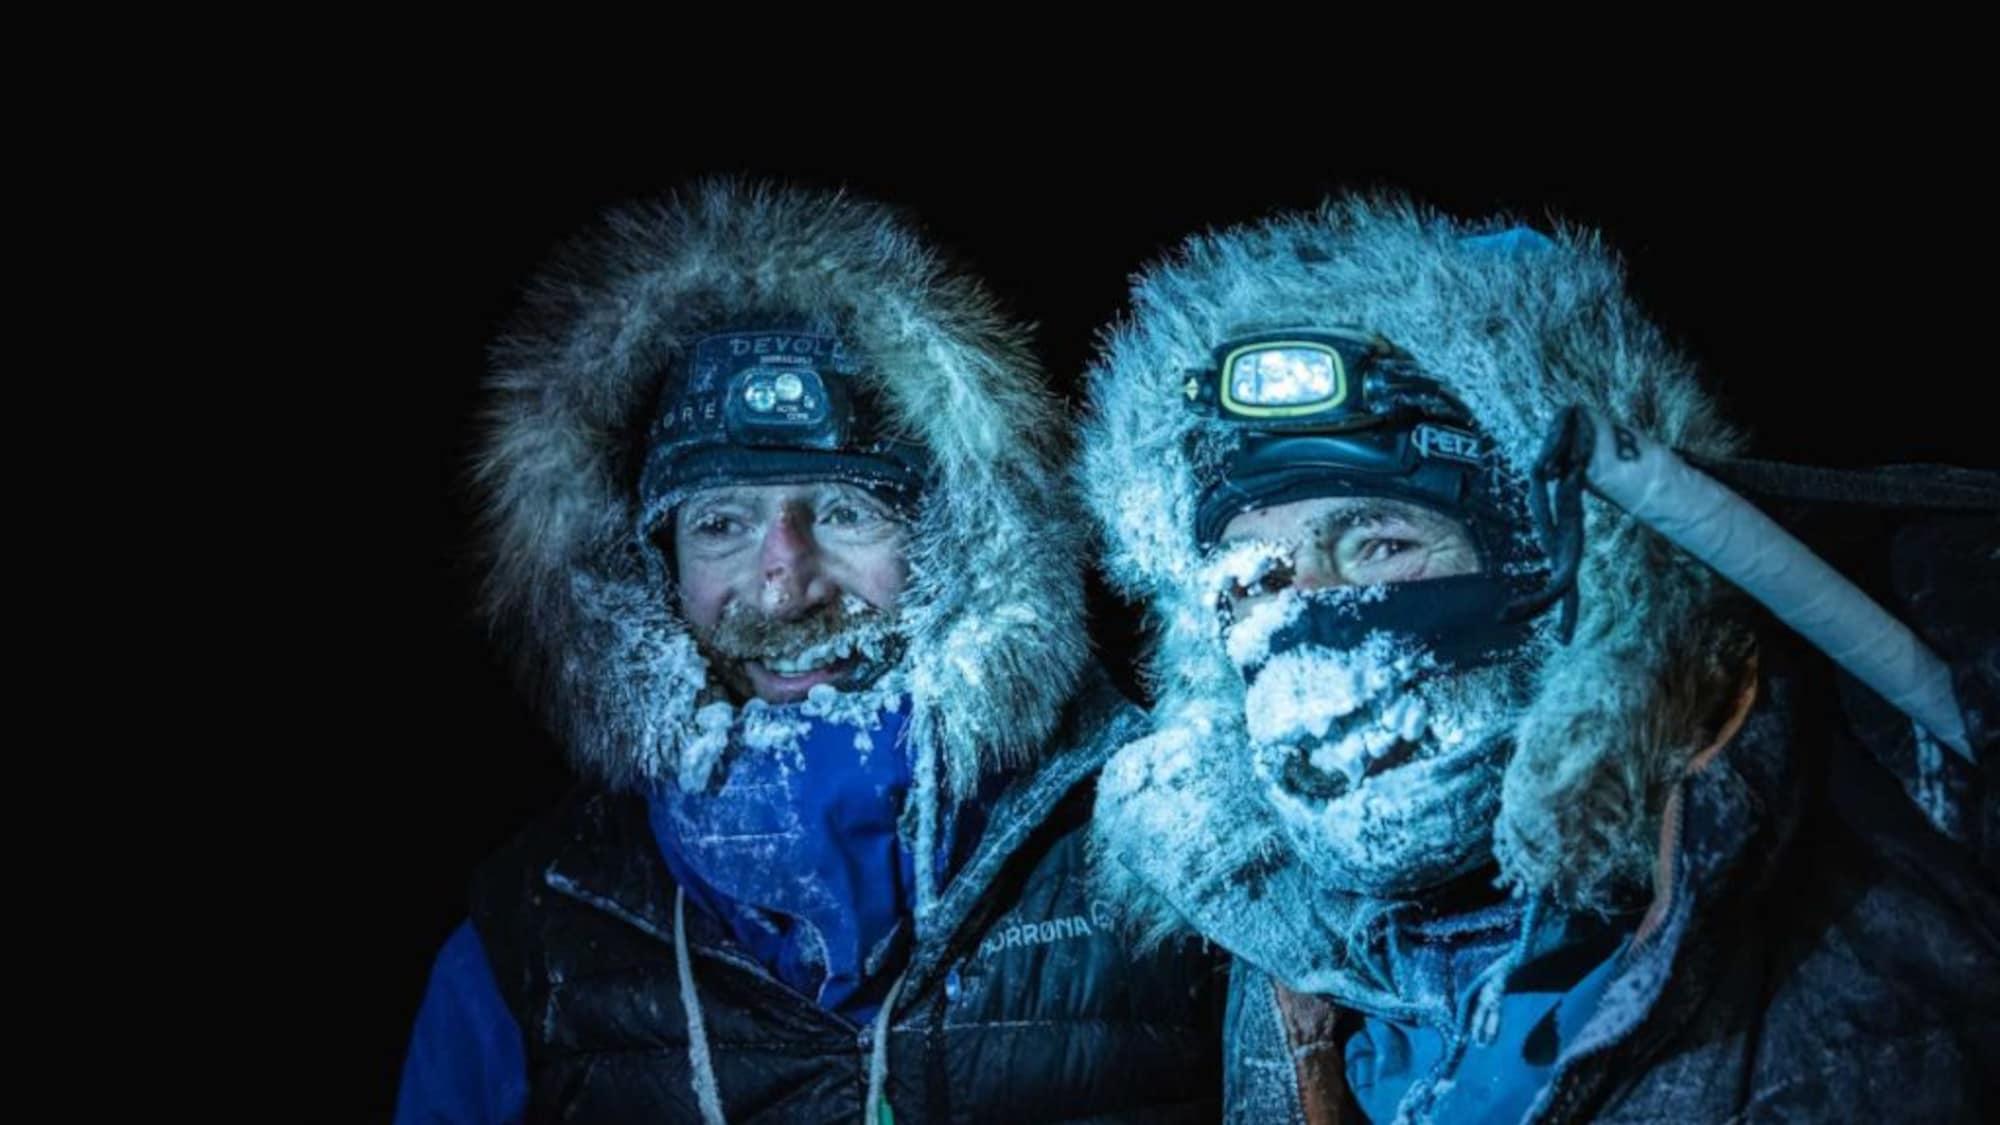 Arktis: Extremsportler überqueren Nordpolarmeer auf Skiern